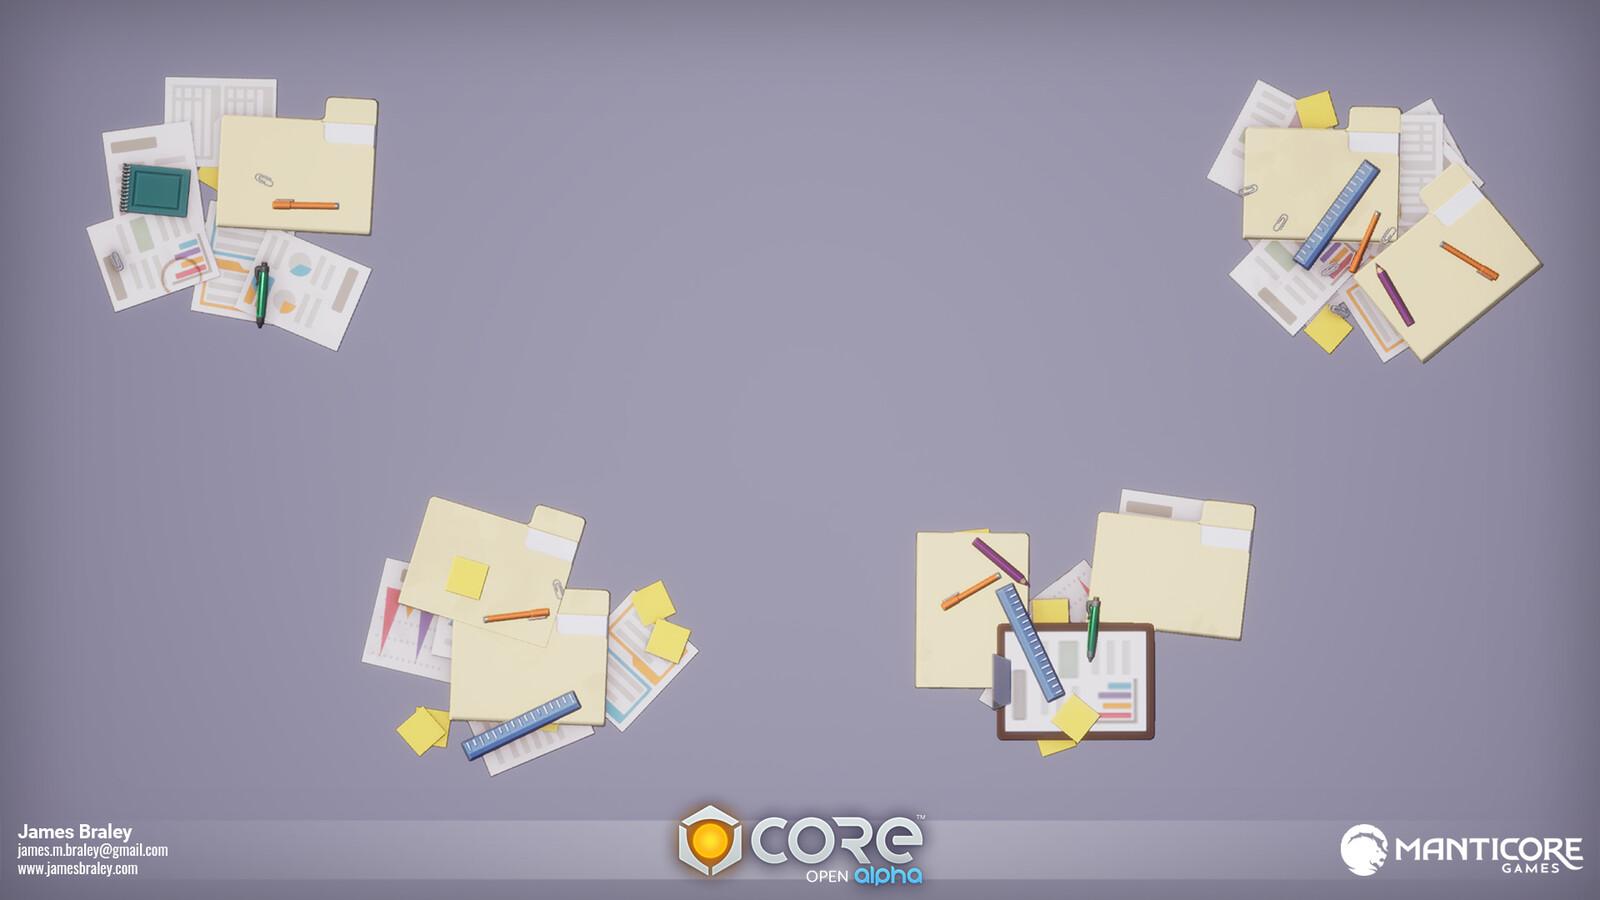 Office Desk Debris Decals (Concepts by Jordan Louie)